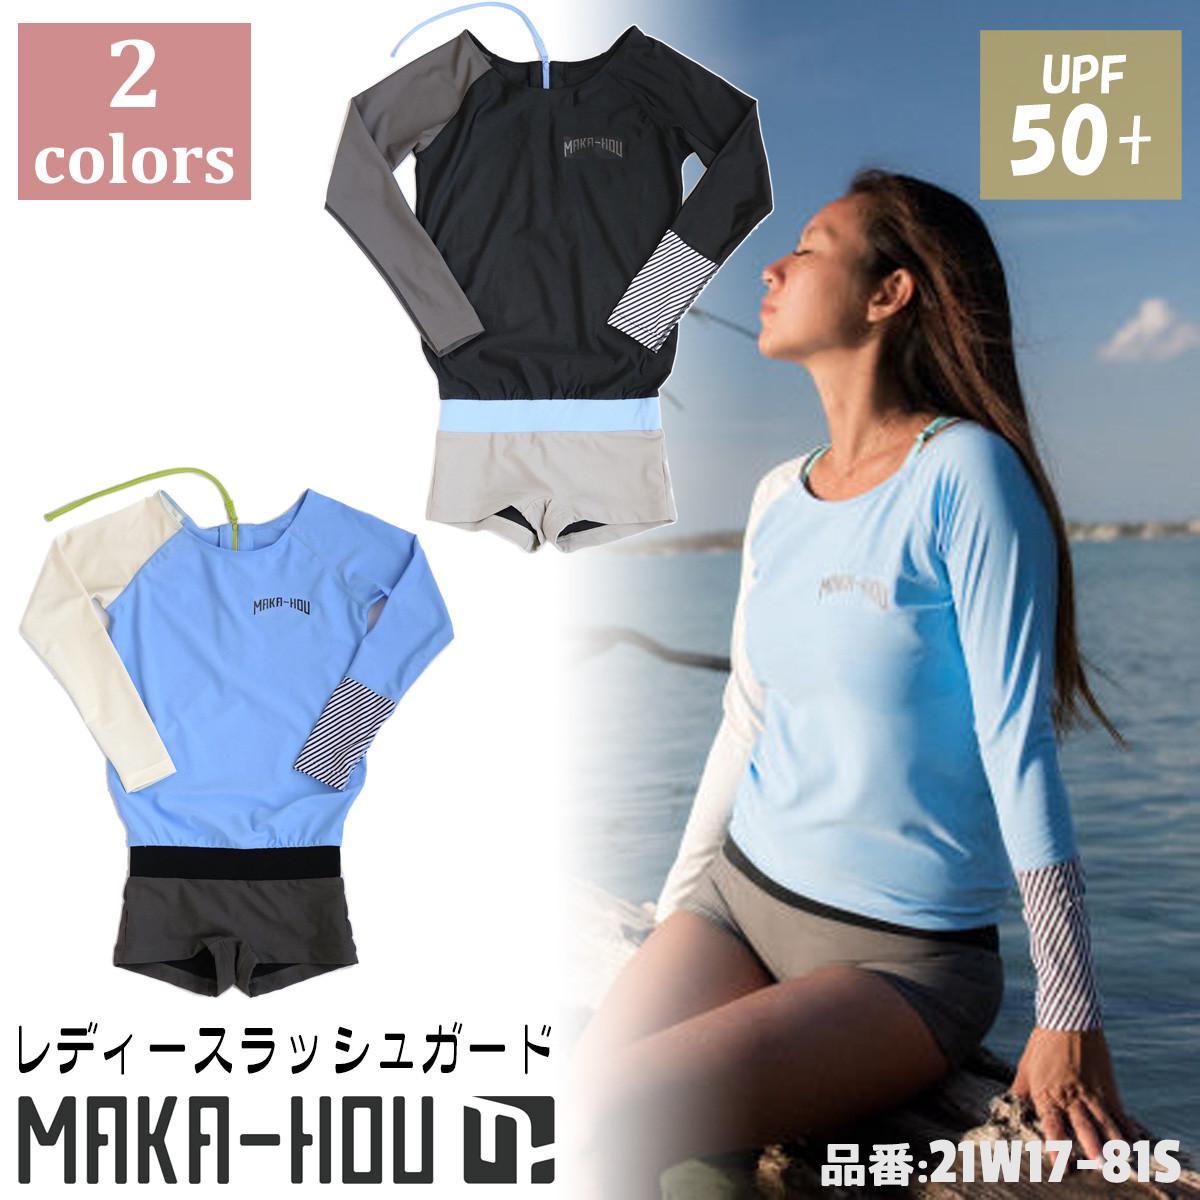 MAKA-HOU マカホー 一体型ラッシュガード レディース 2018年春夏モデル MAKA-HOU Rash Guard with Hot Pants 日焼け対策/UPF50+海・山・川・プールで日焼け止め/日焼け防止に最適 品番 21W17-81S 日本正規品